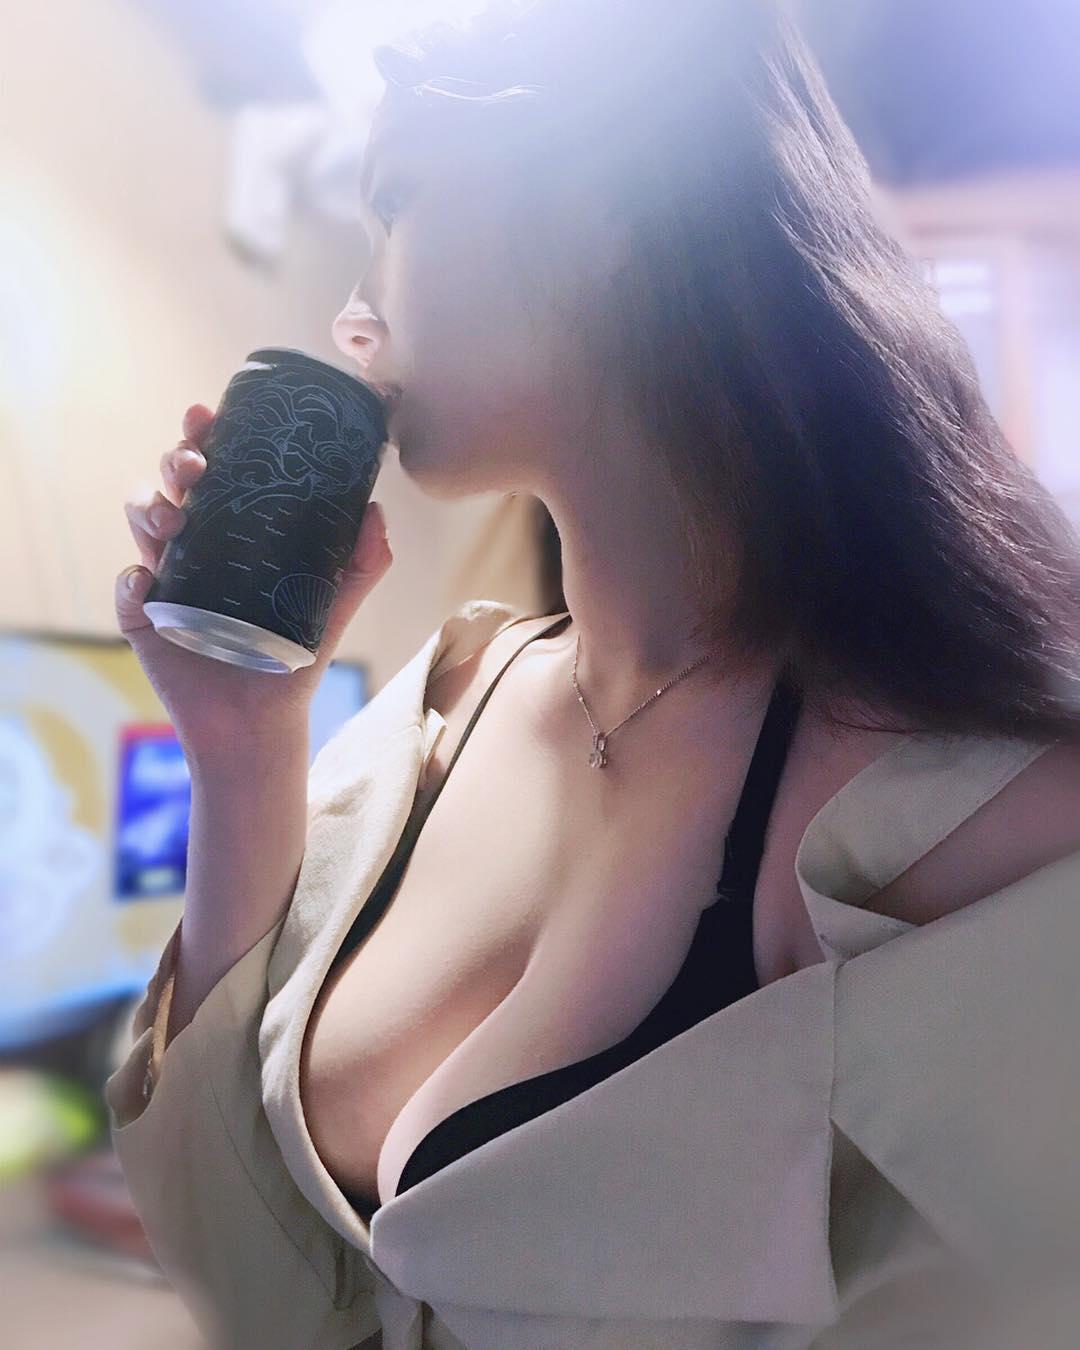 stilleecho_25_6_2019_21_1_29_840.jpg